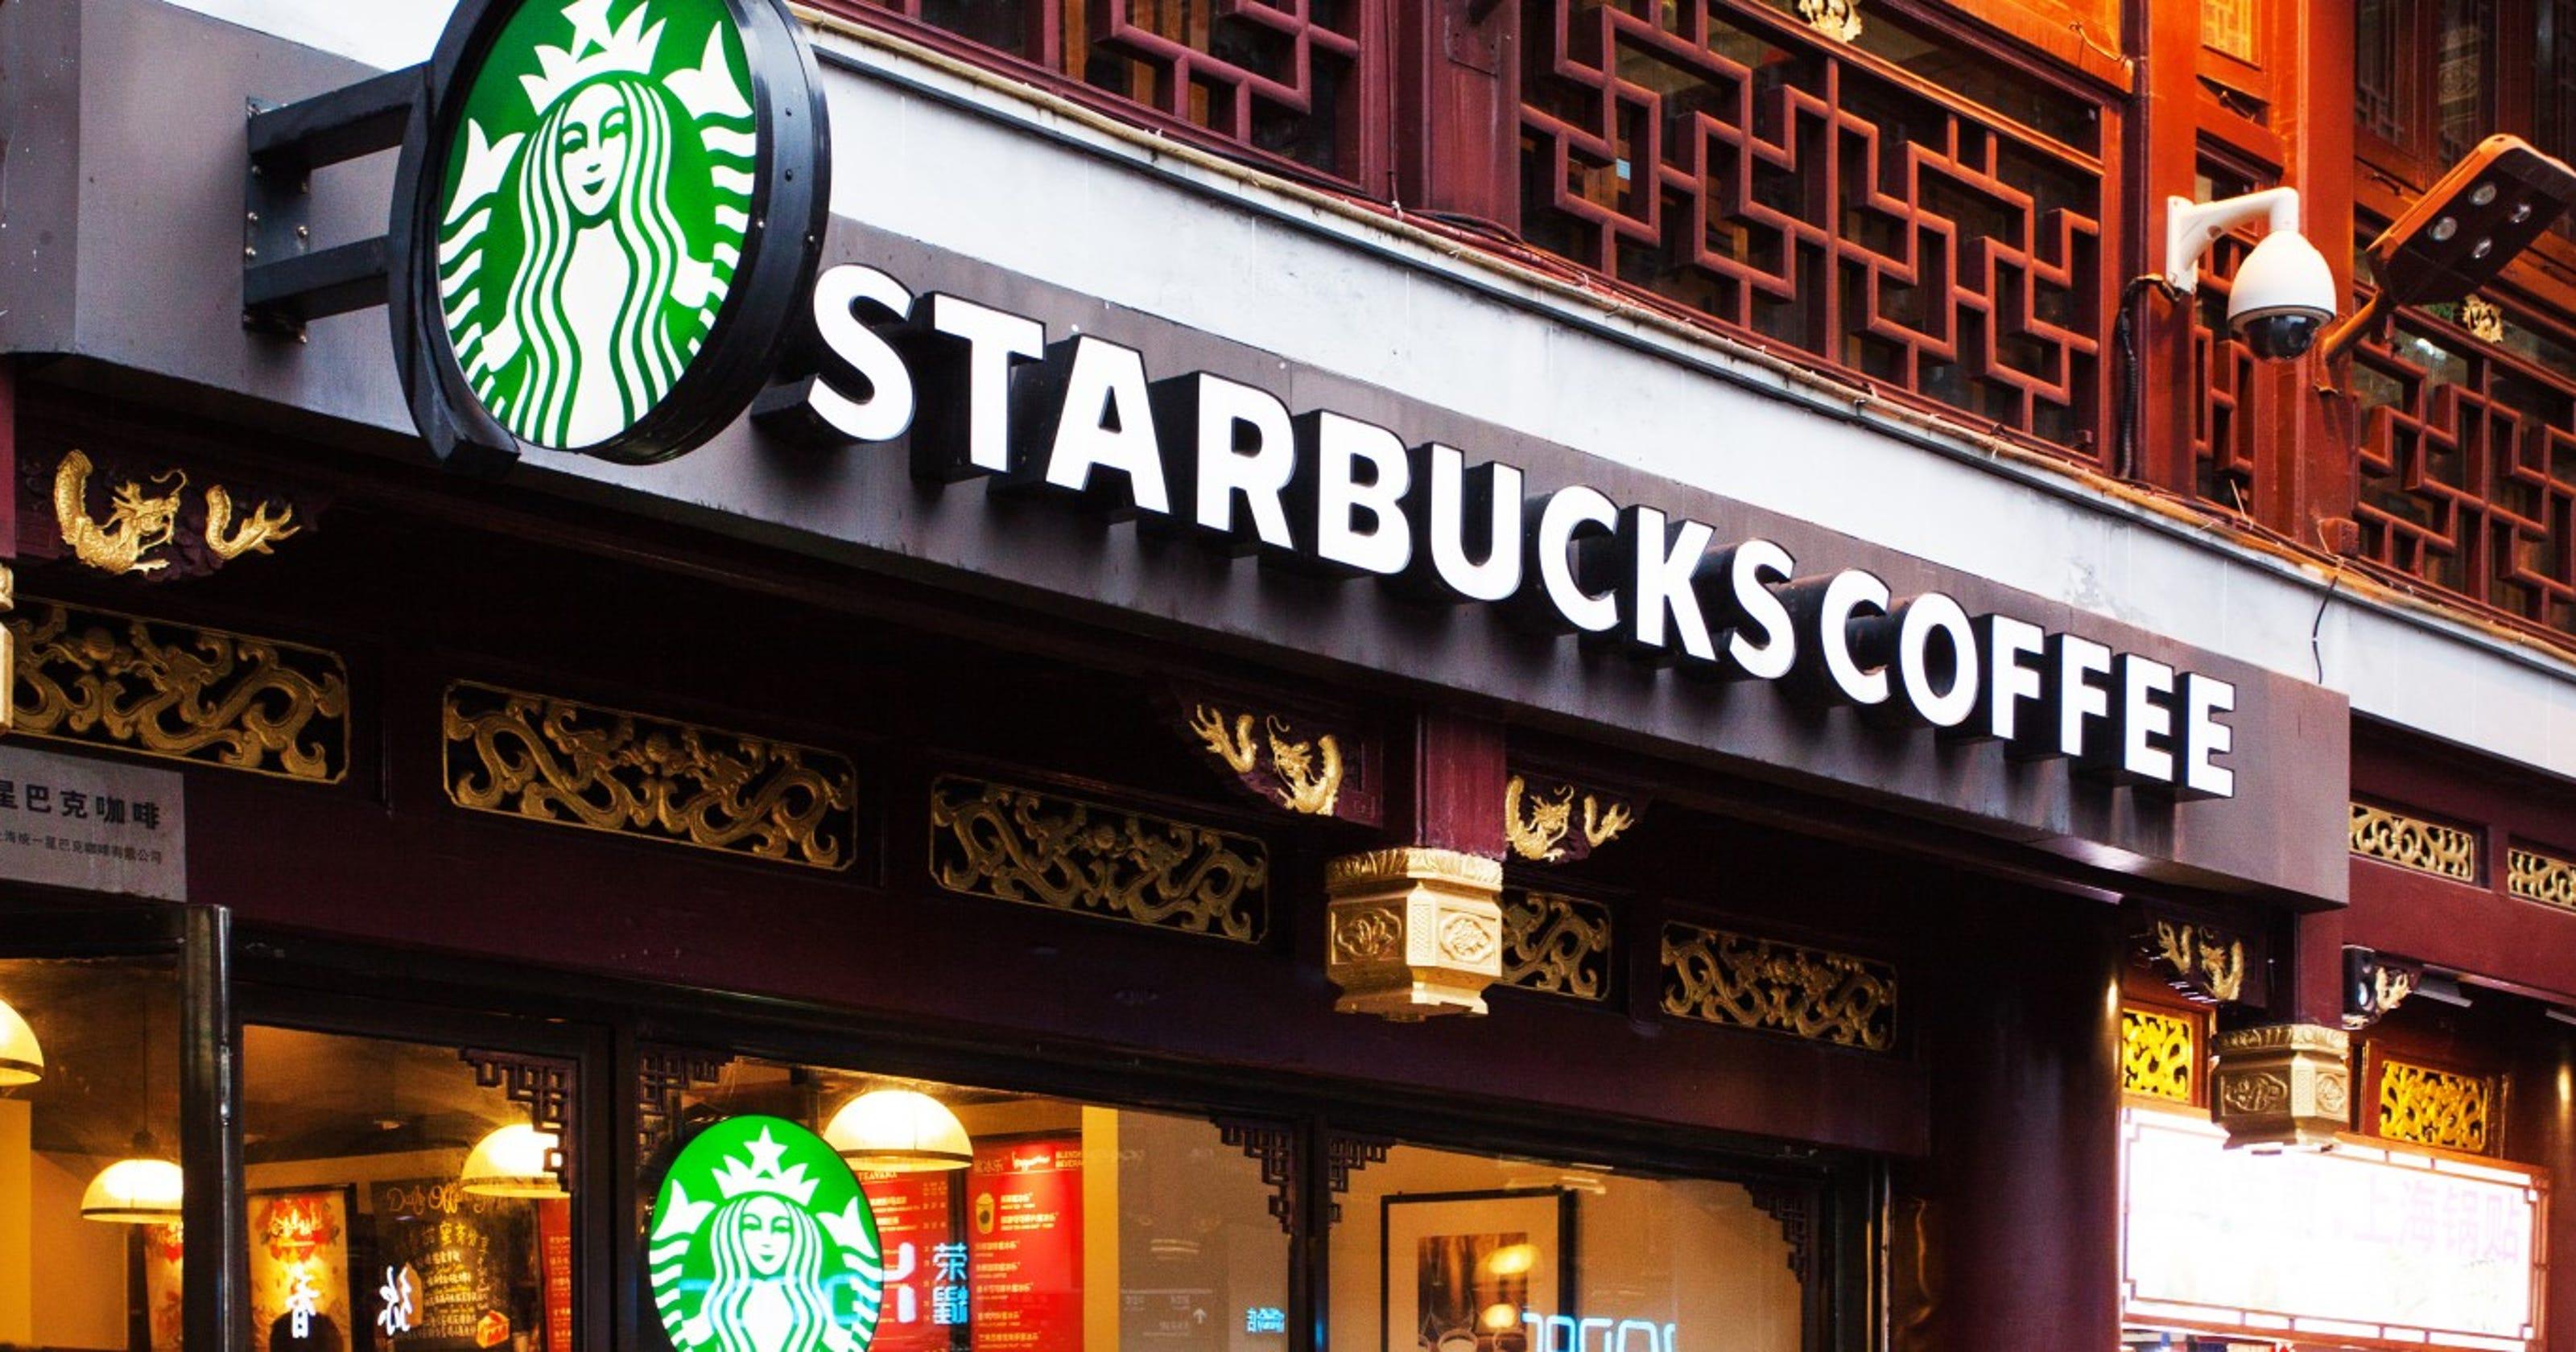 Tempe Starbucks: Coffee giant apologizes for kicking cops